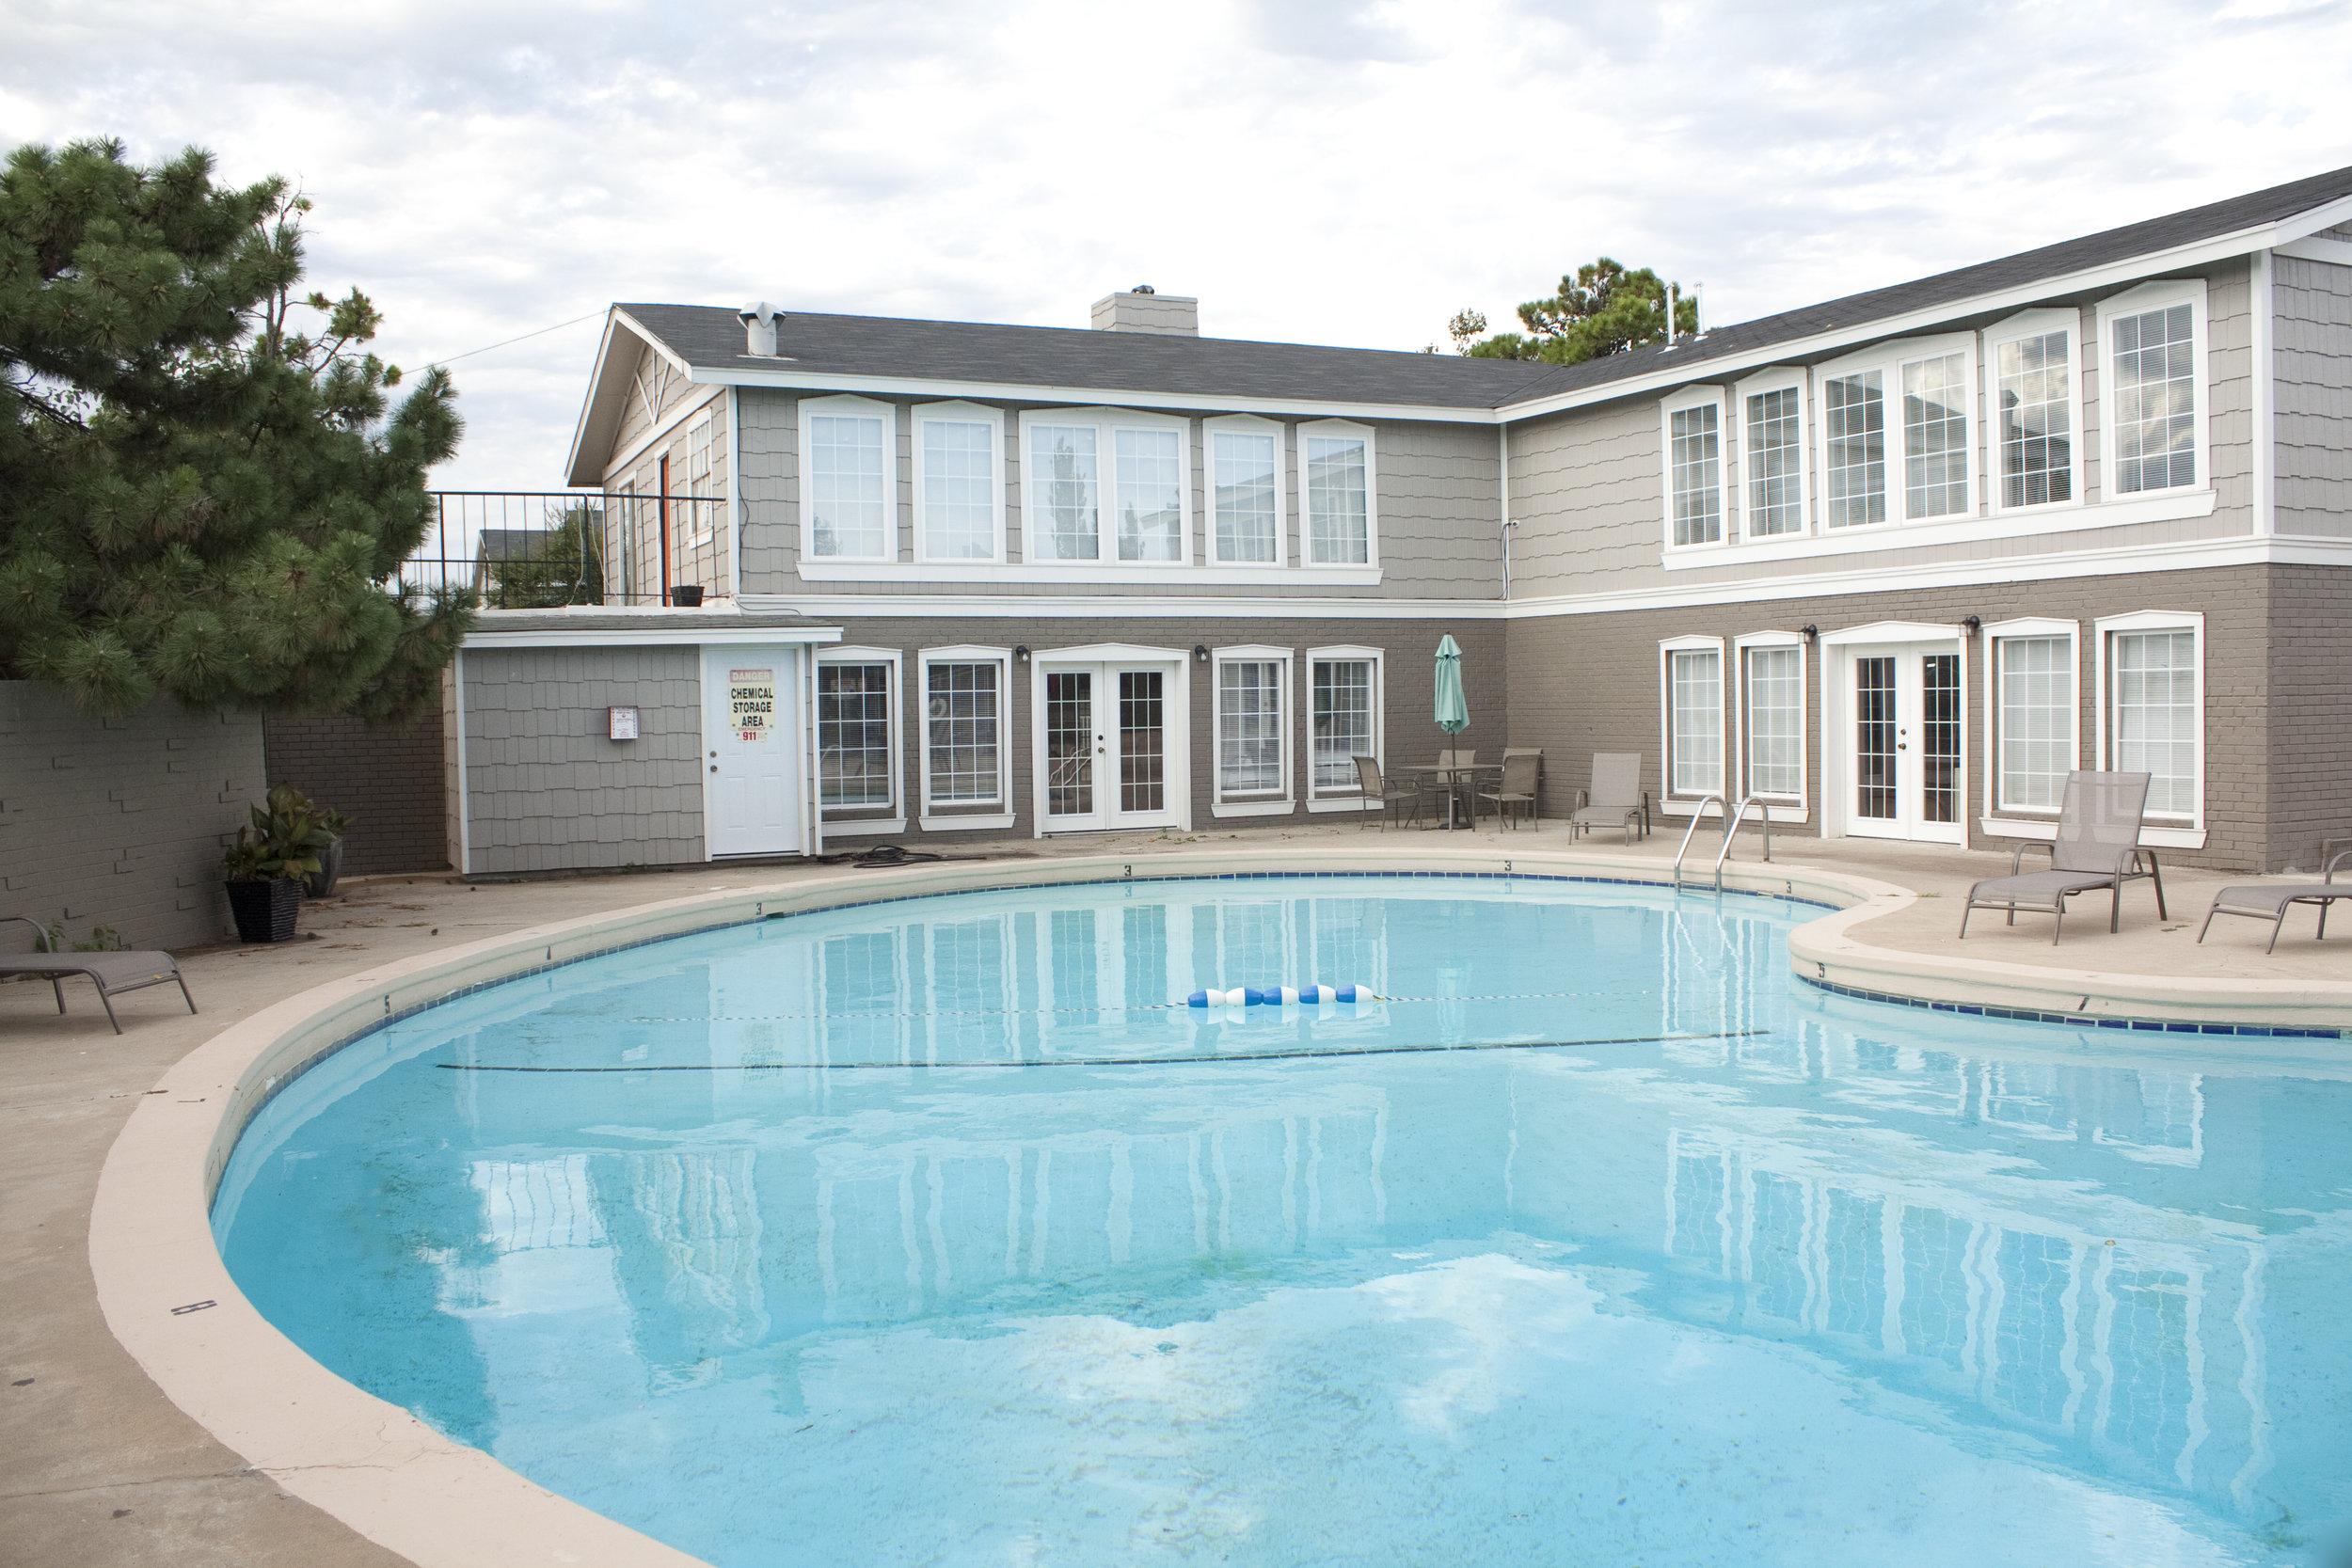 Solare Apartment Homes (OKC, OK)